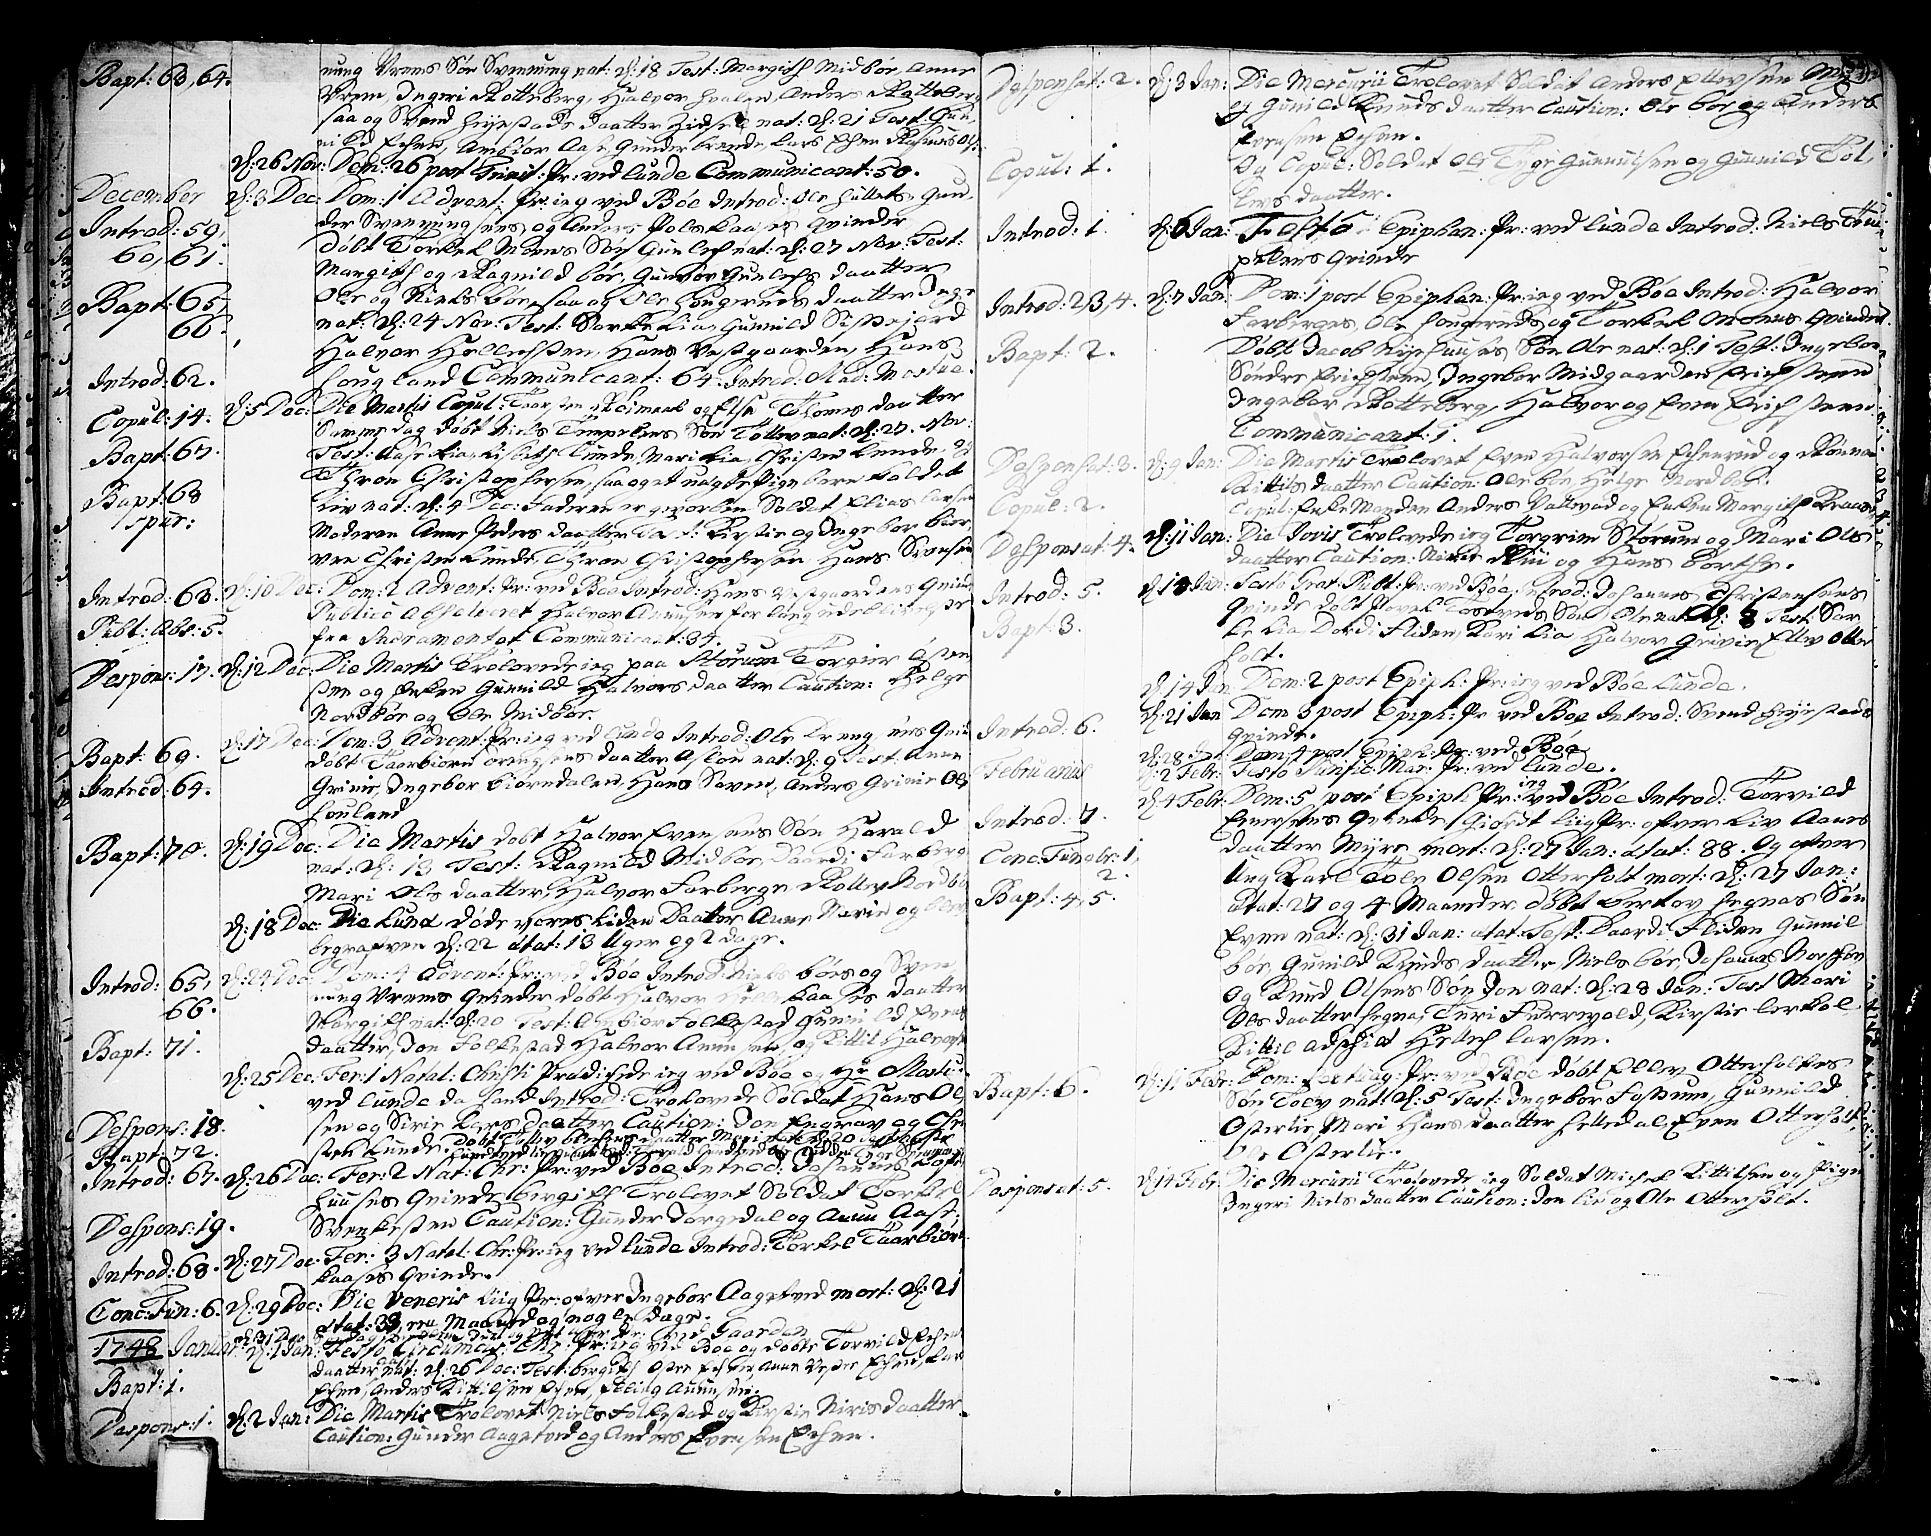 SAKO, Bø kirkebøker, F/Fa/L0003: Ministerialbok nr. 3, 1733-1748, s. 39